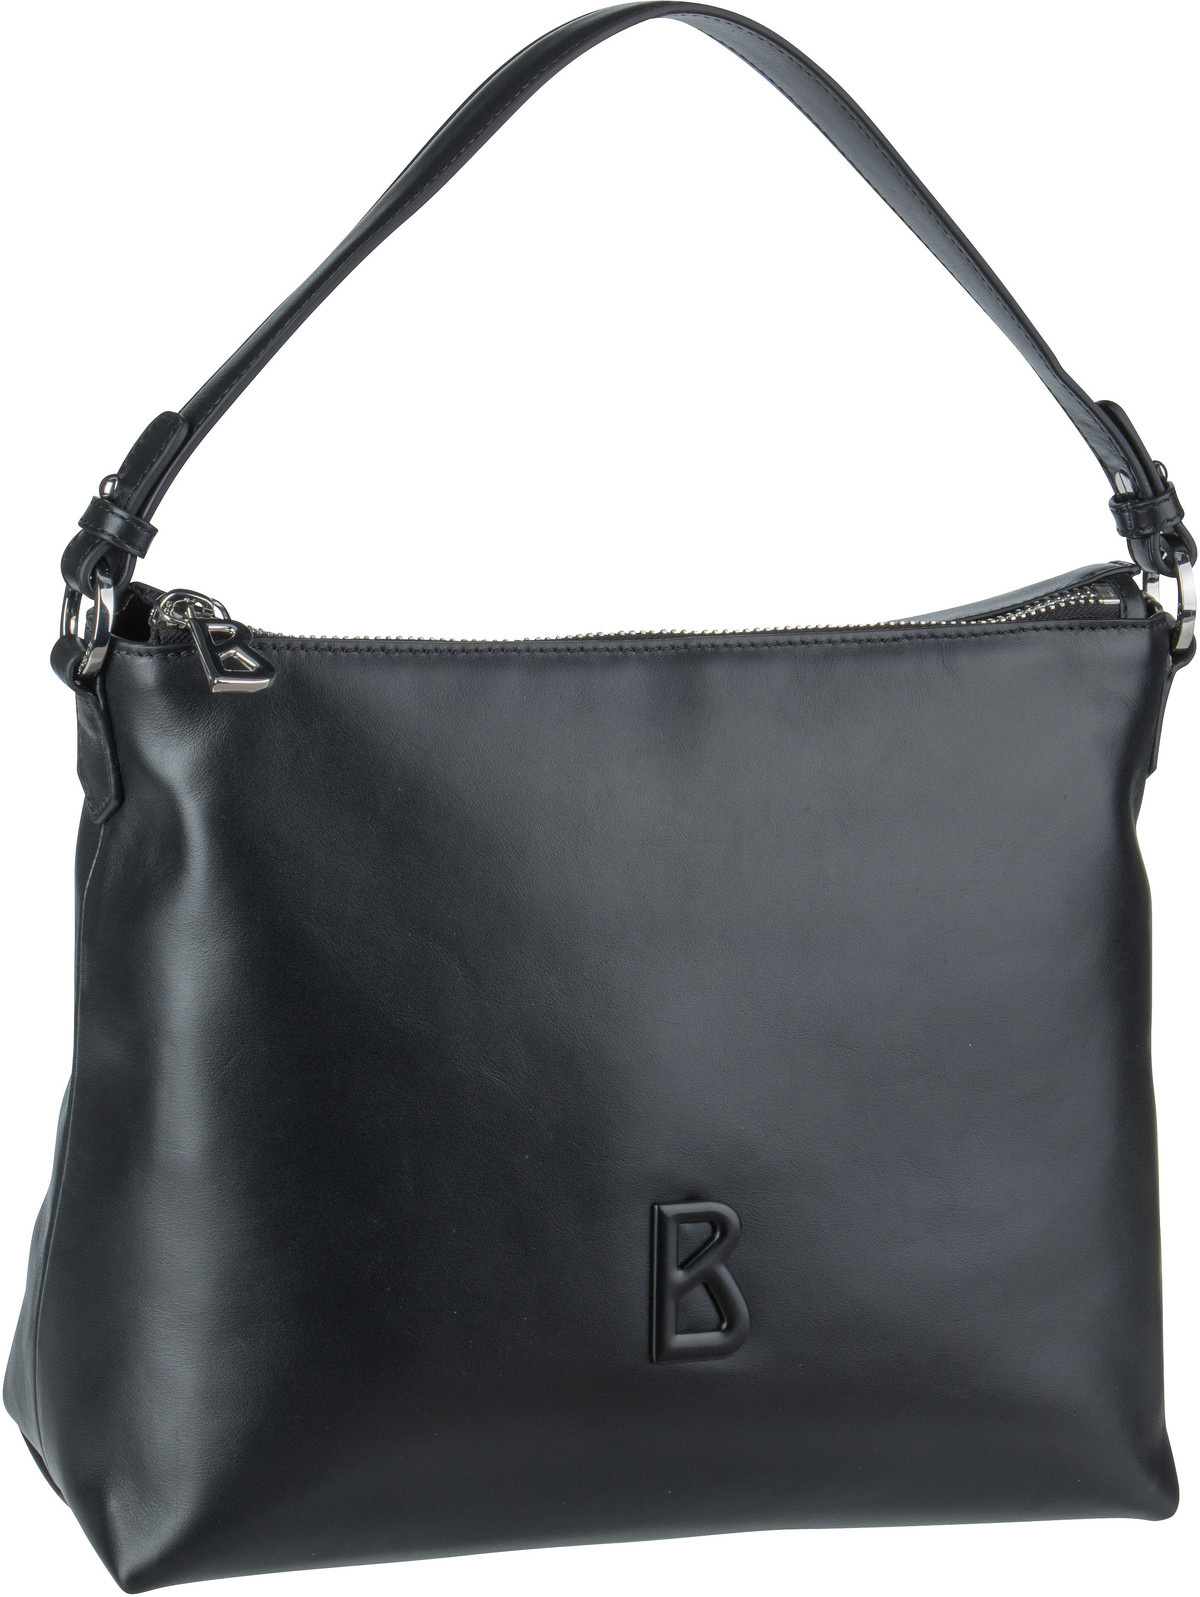 Handtasche Laax Lore Hobo MHZ Black